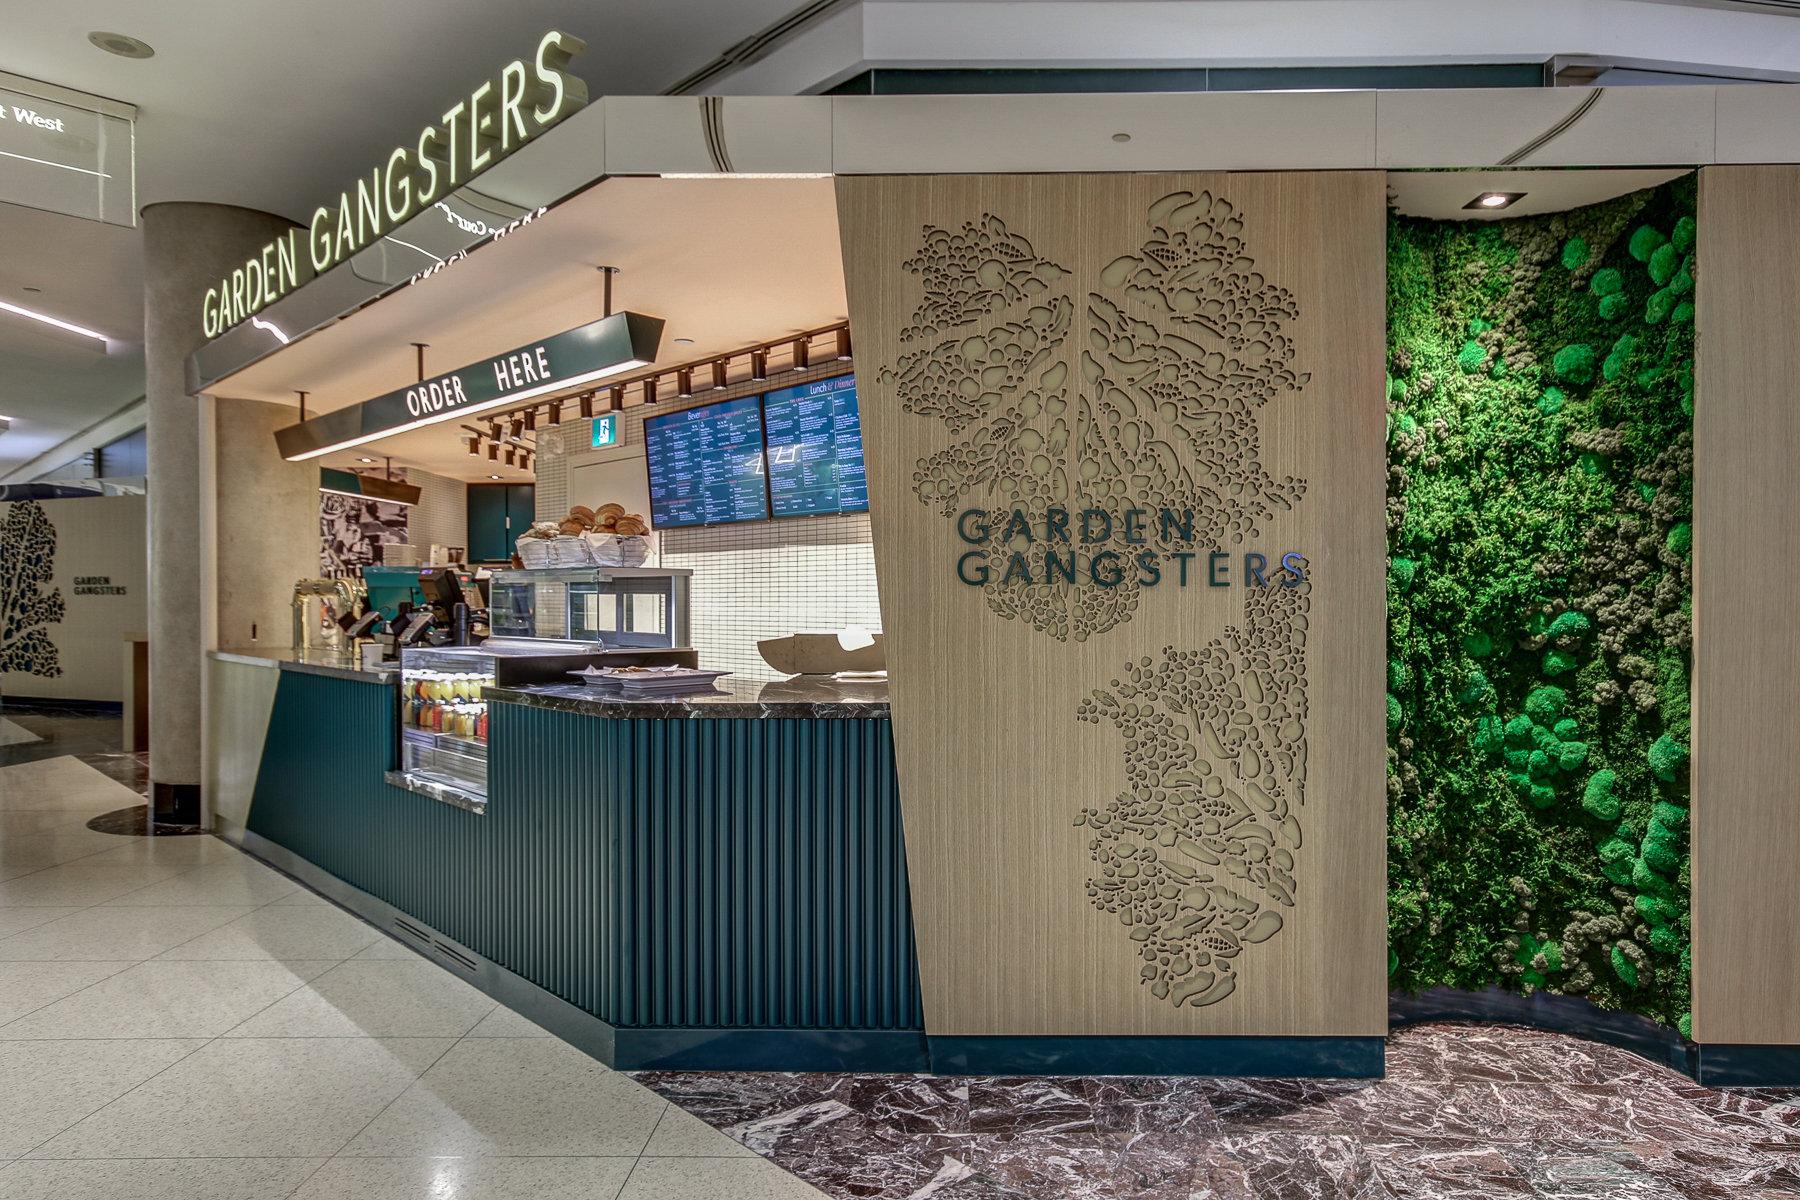 Garden Gangster Laser Cut project- Artotechlaser